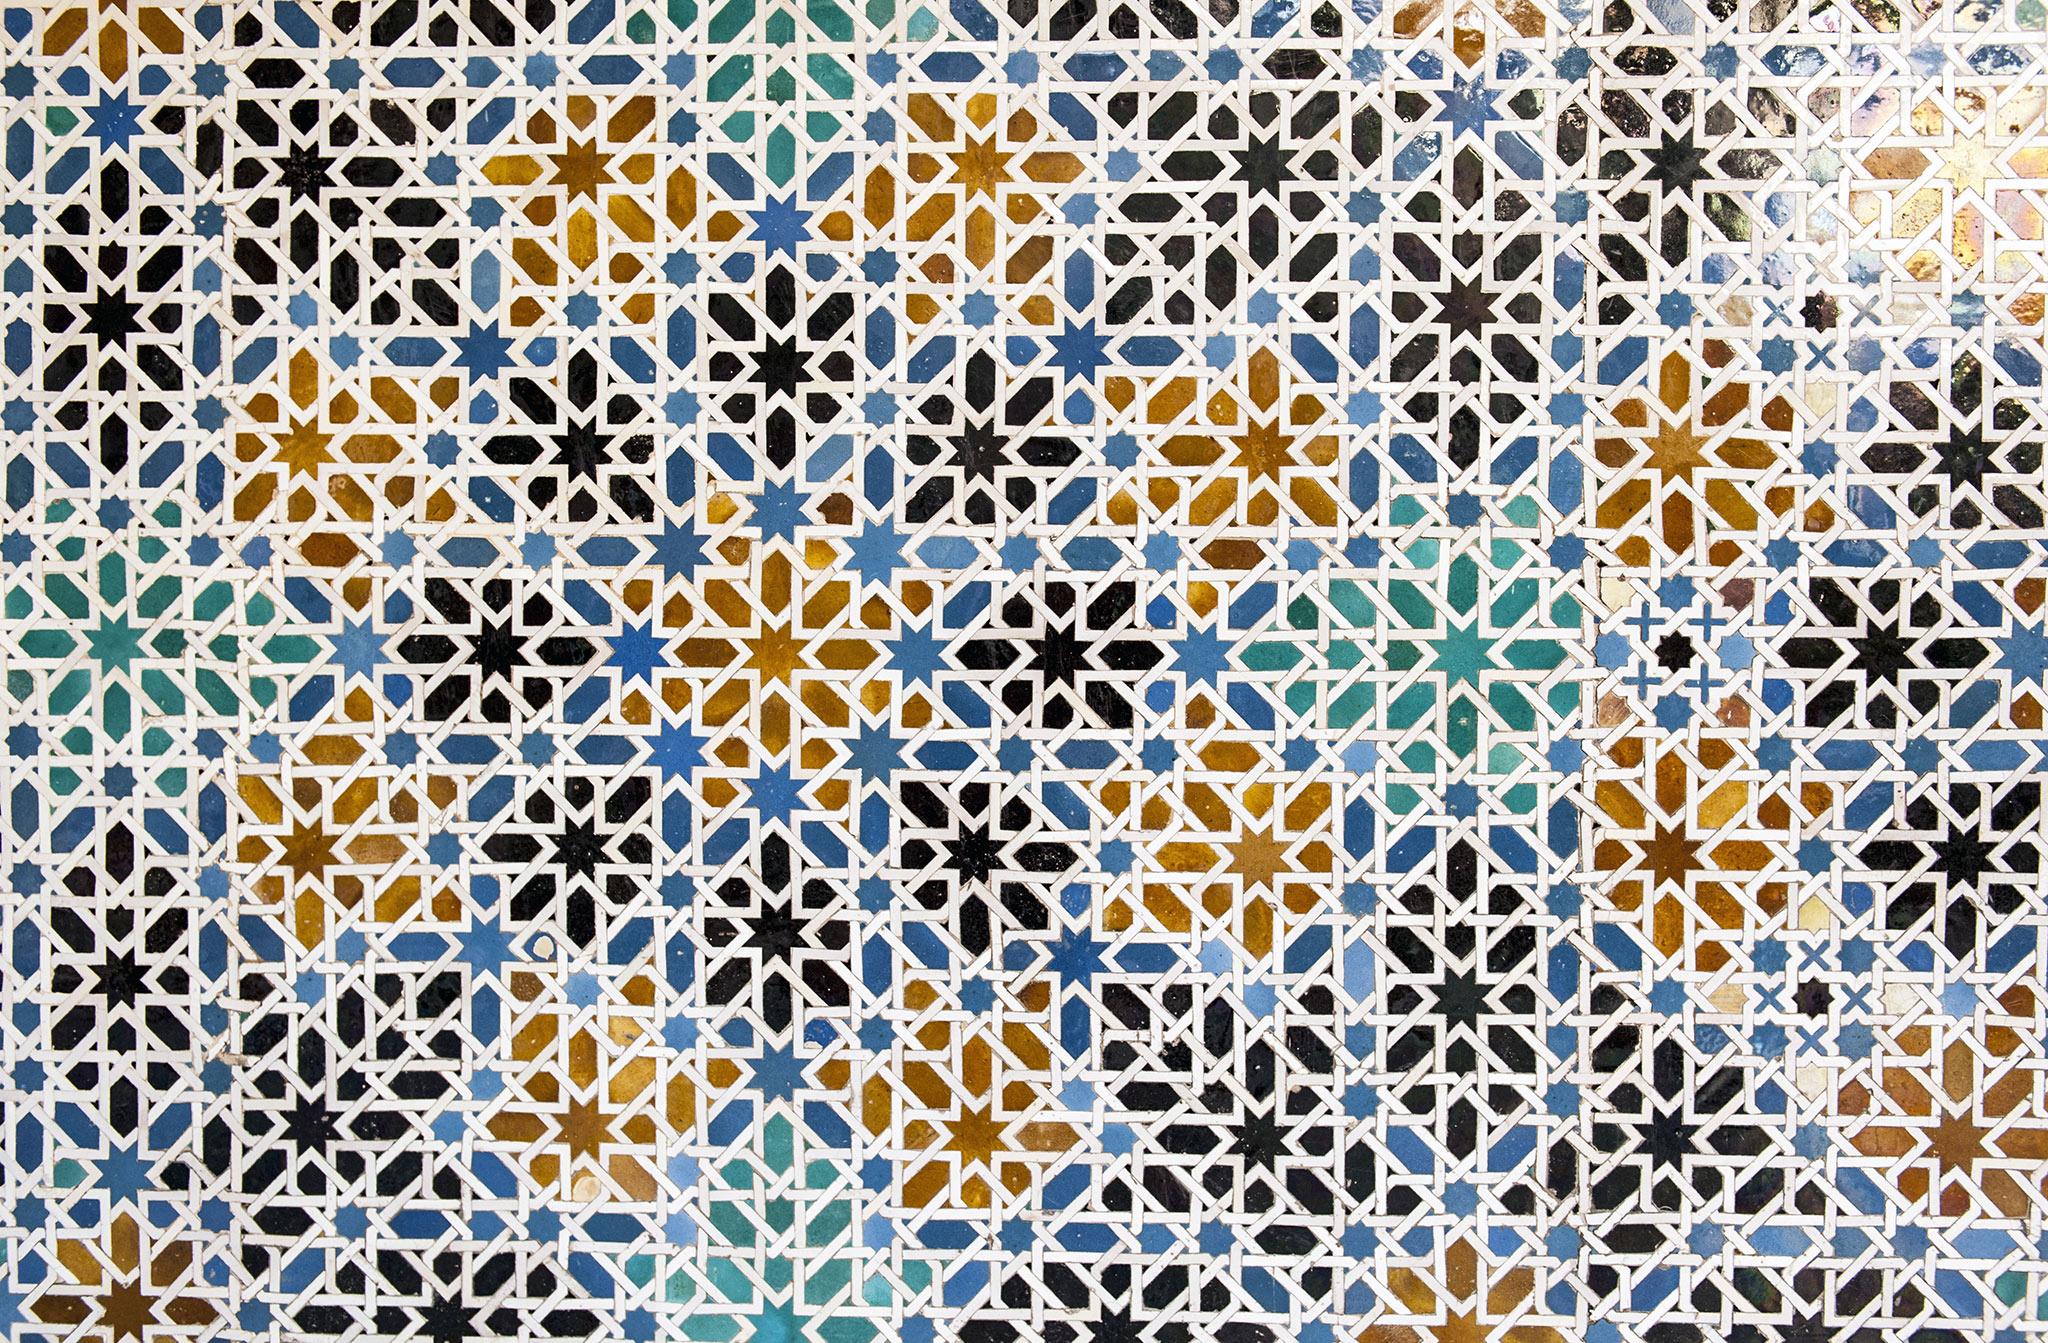 Détail des carreaux de faïences (azulejos) - L'Alcazar royal de Séville